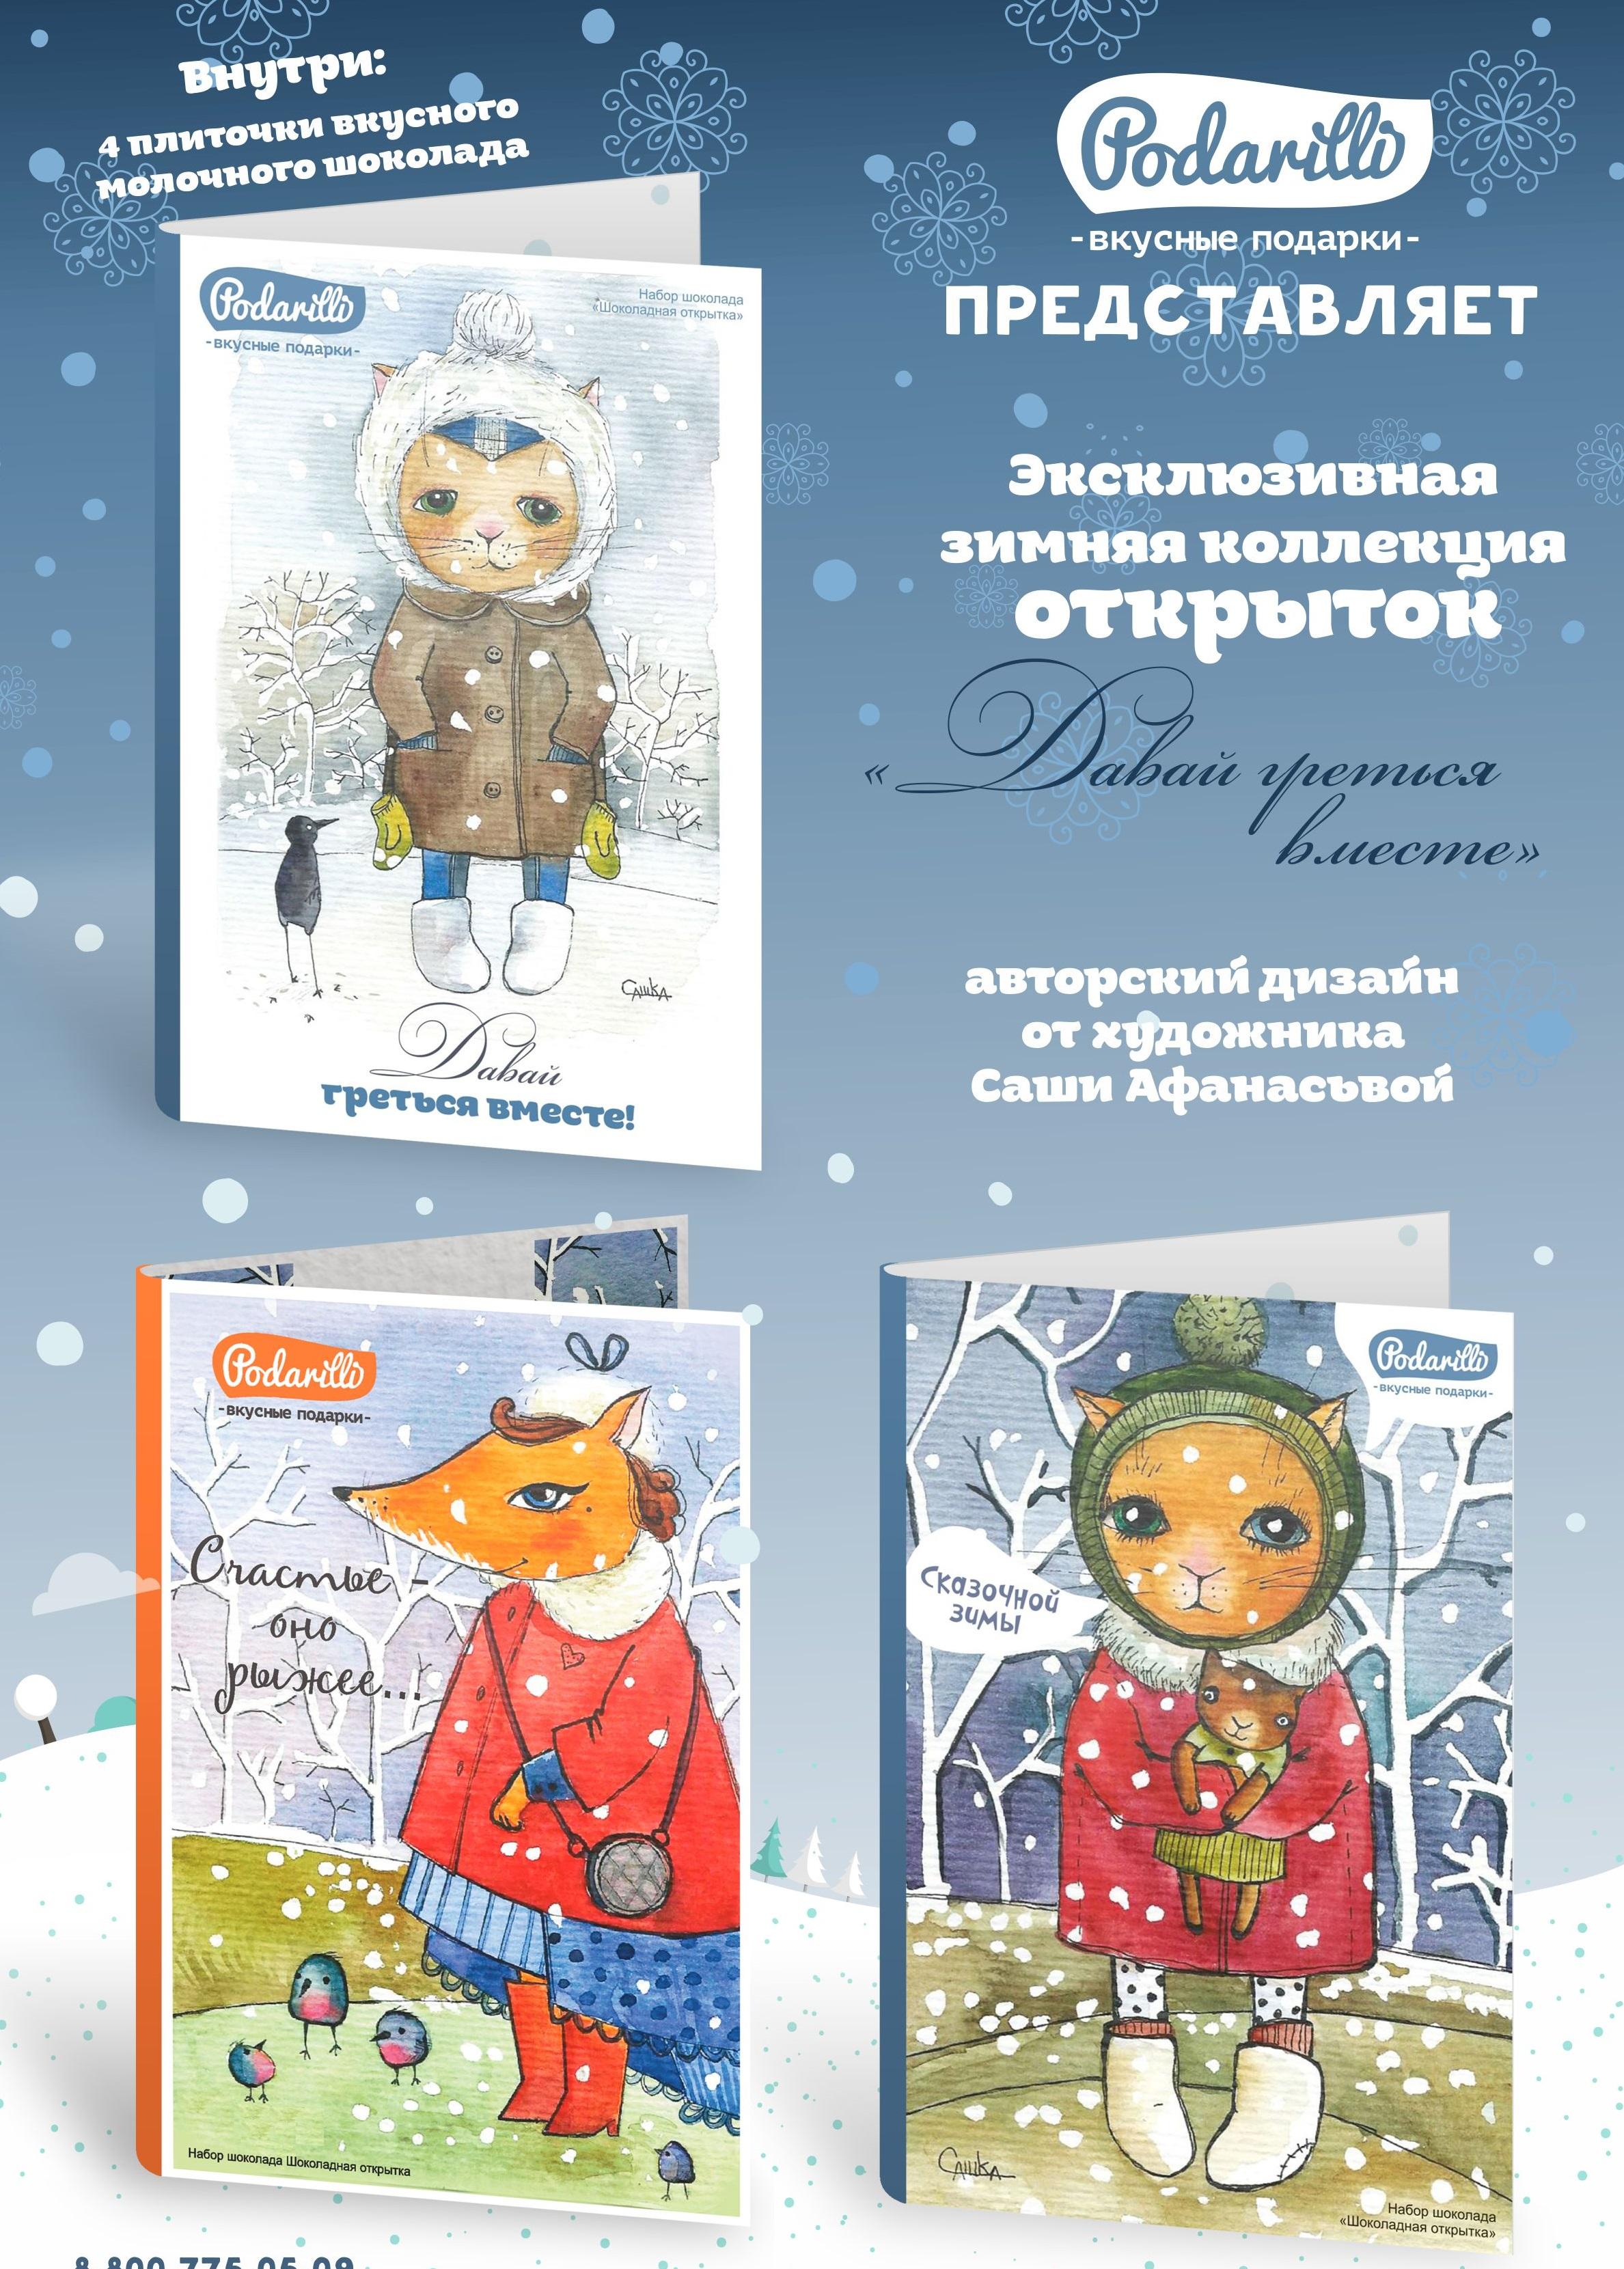 Новинки! Совместно с художником Сашей Афанасьевой очаровательная мини-коллекция авторских зимних открыток!